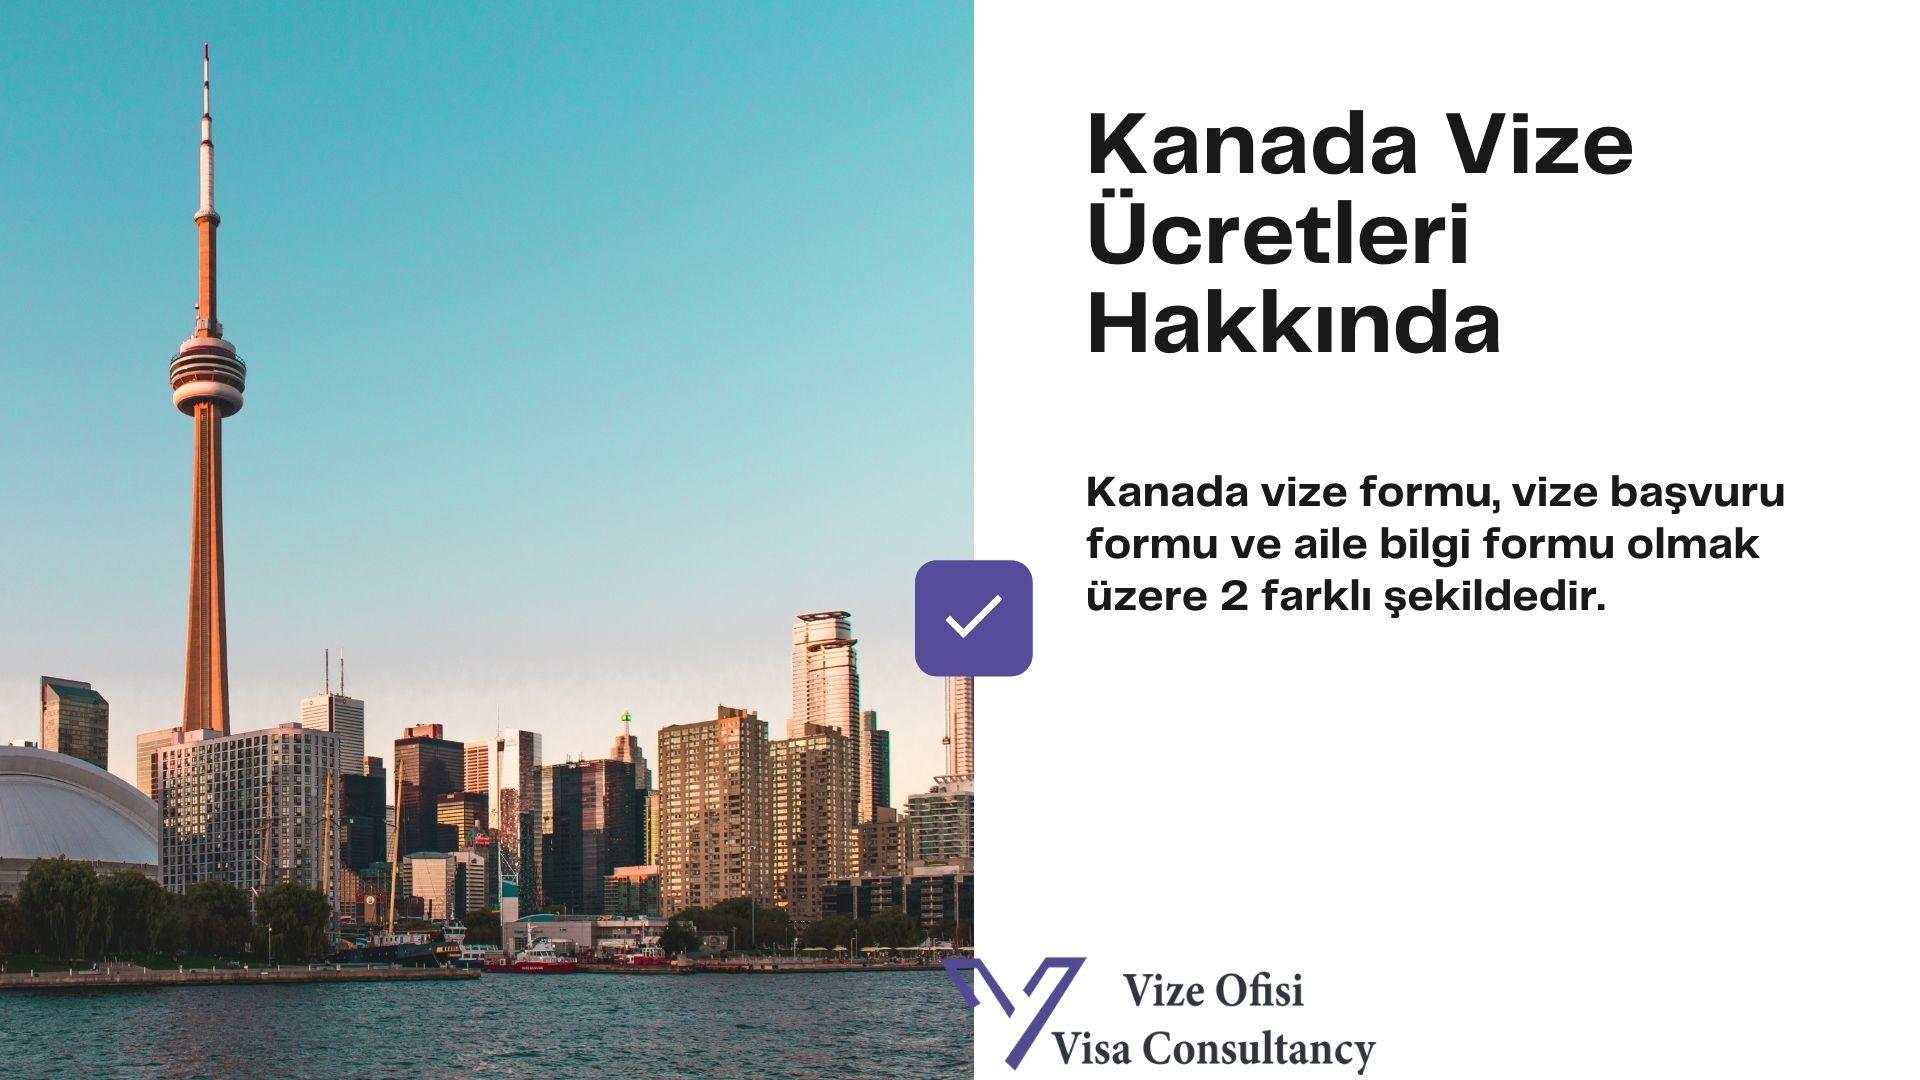 Kanada Vize Form ve Dilekçe 2021